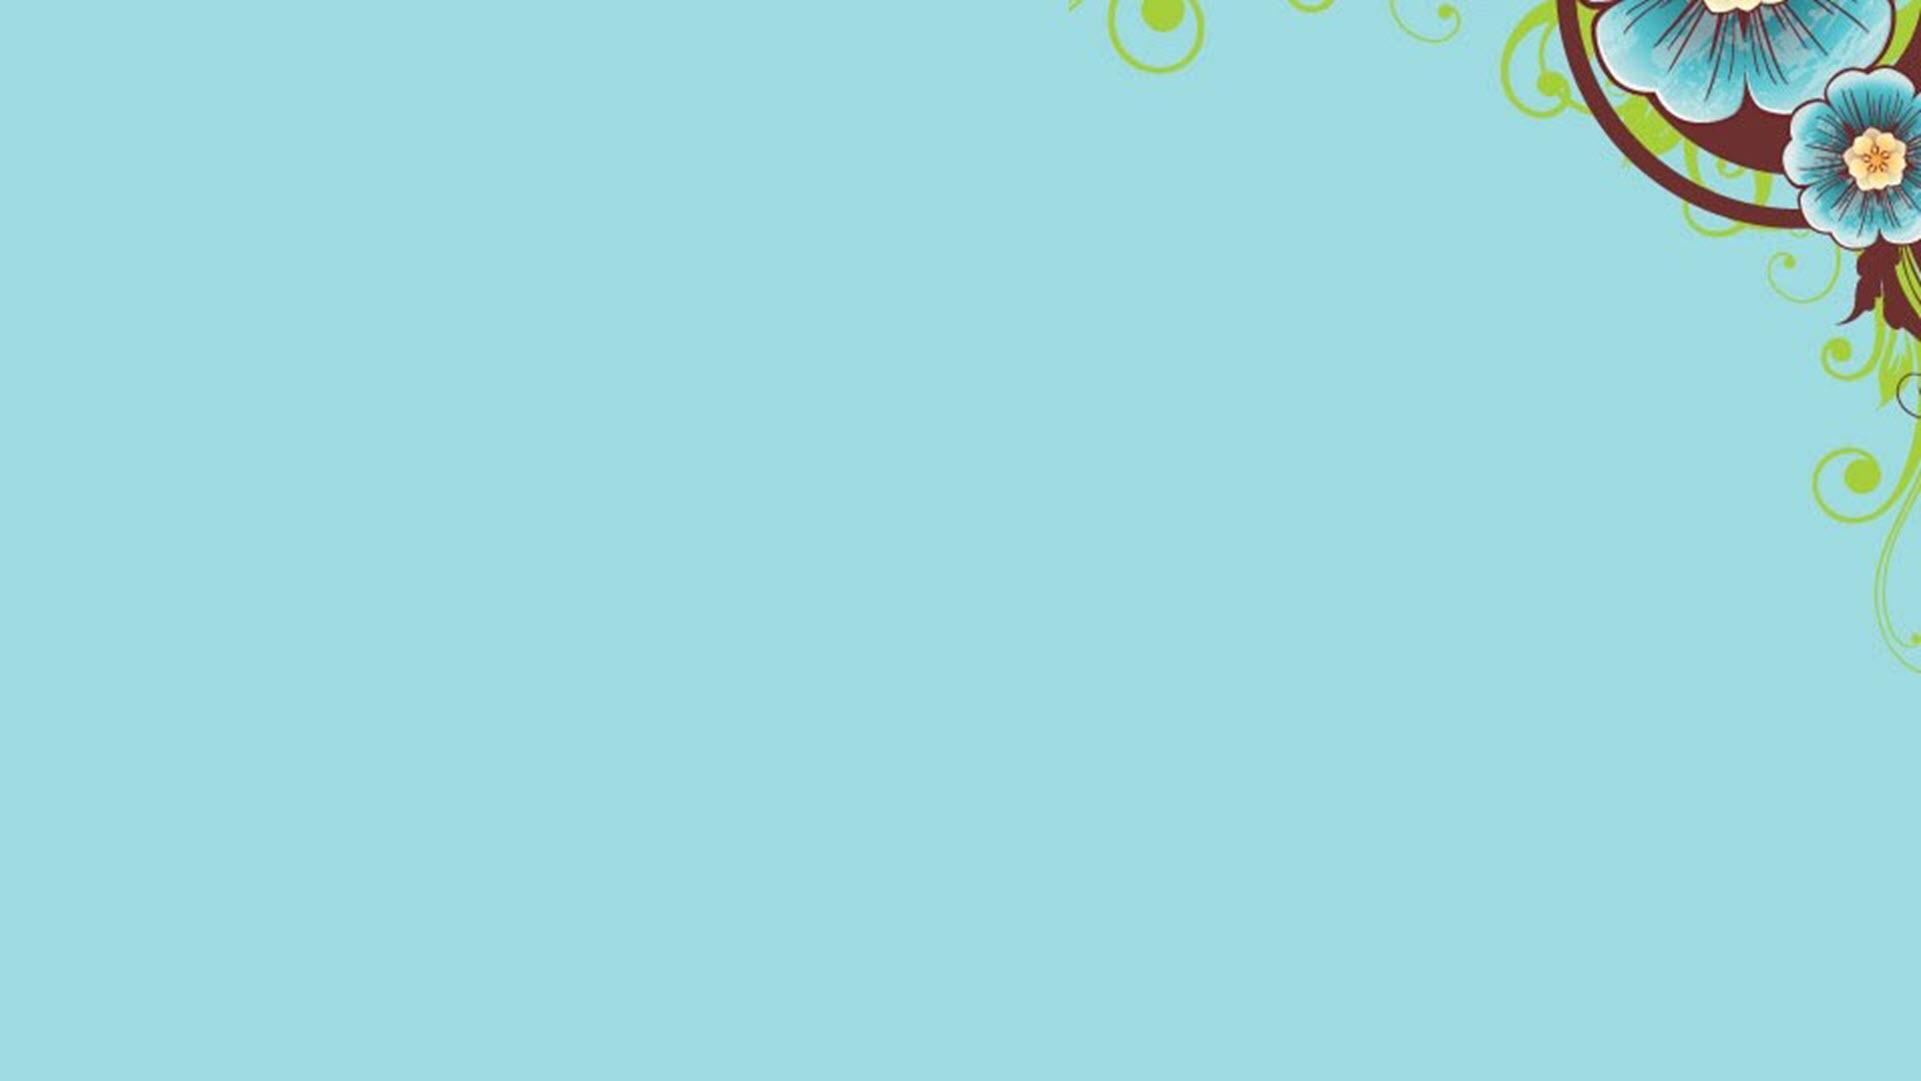 Hình nền ppt màu xanh đơn giản, đẹp